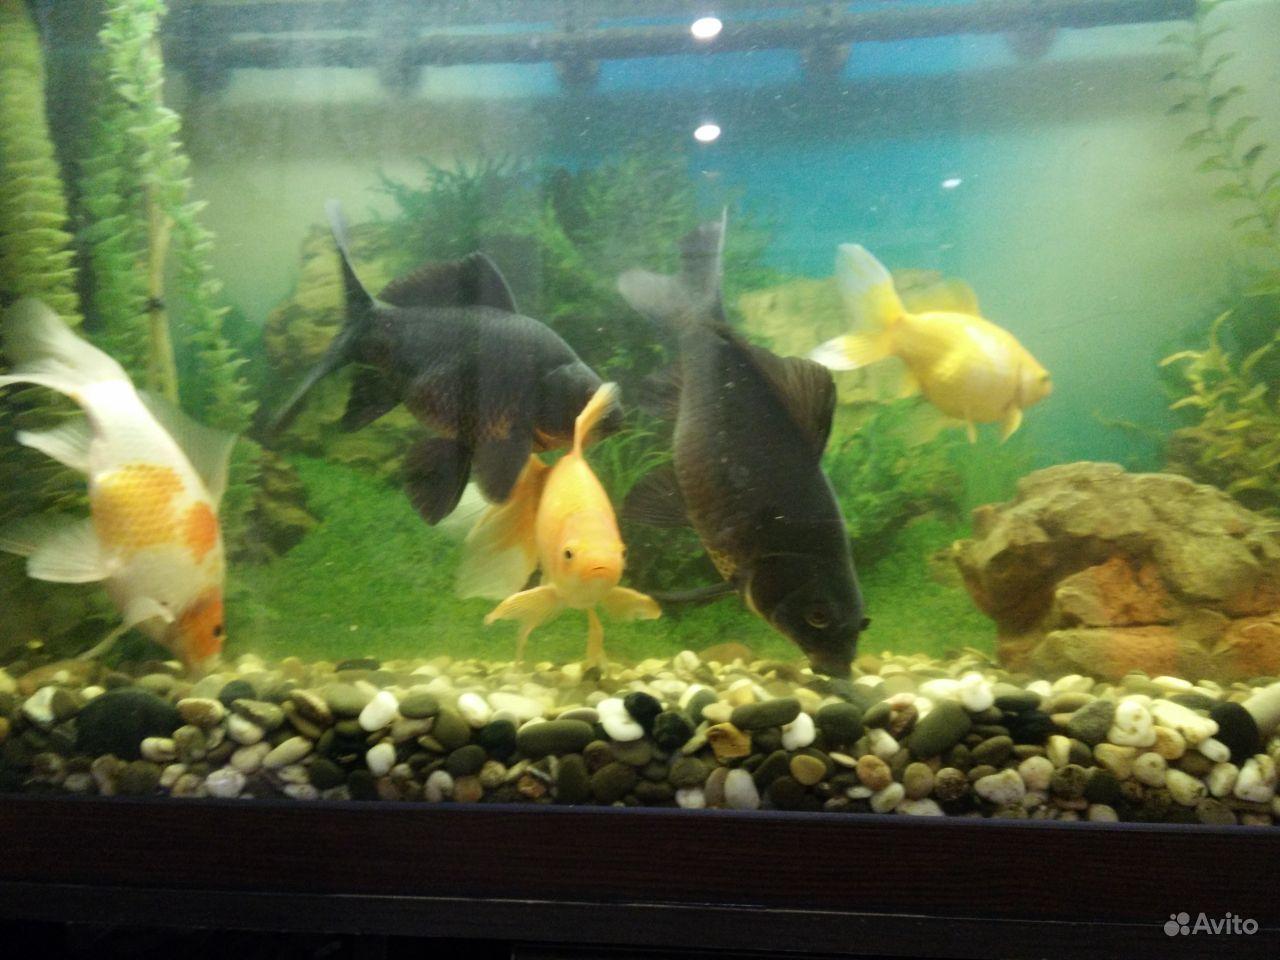 Коллекционные золотые рыбки купить на Зозу.ру - фотография № 8